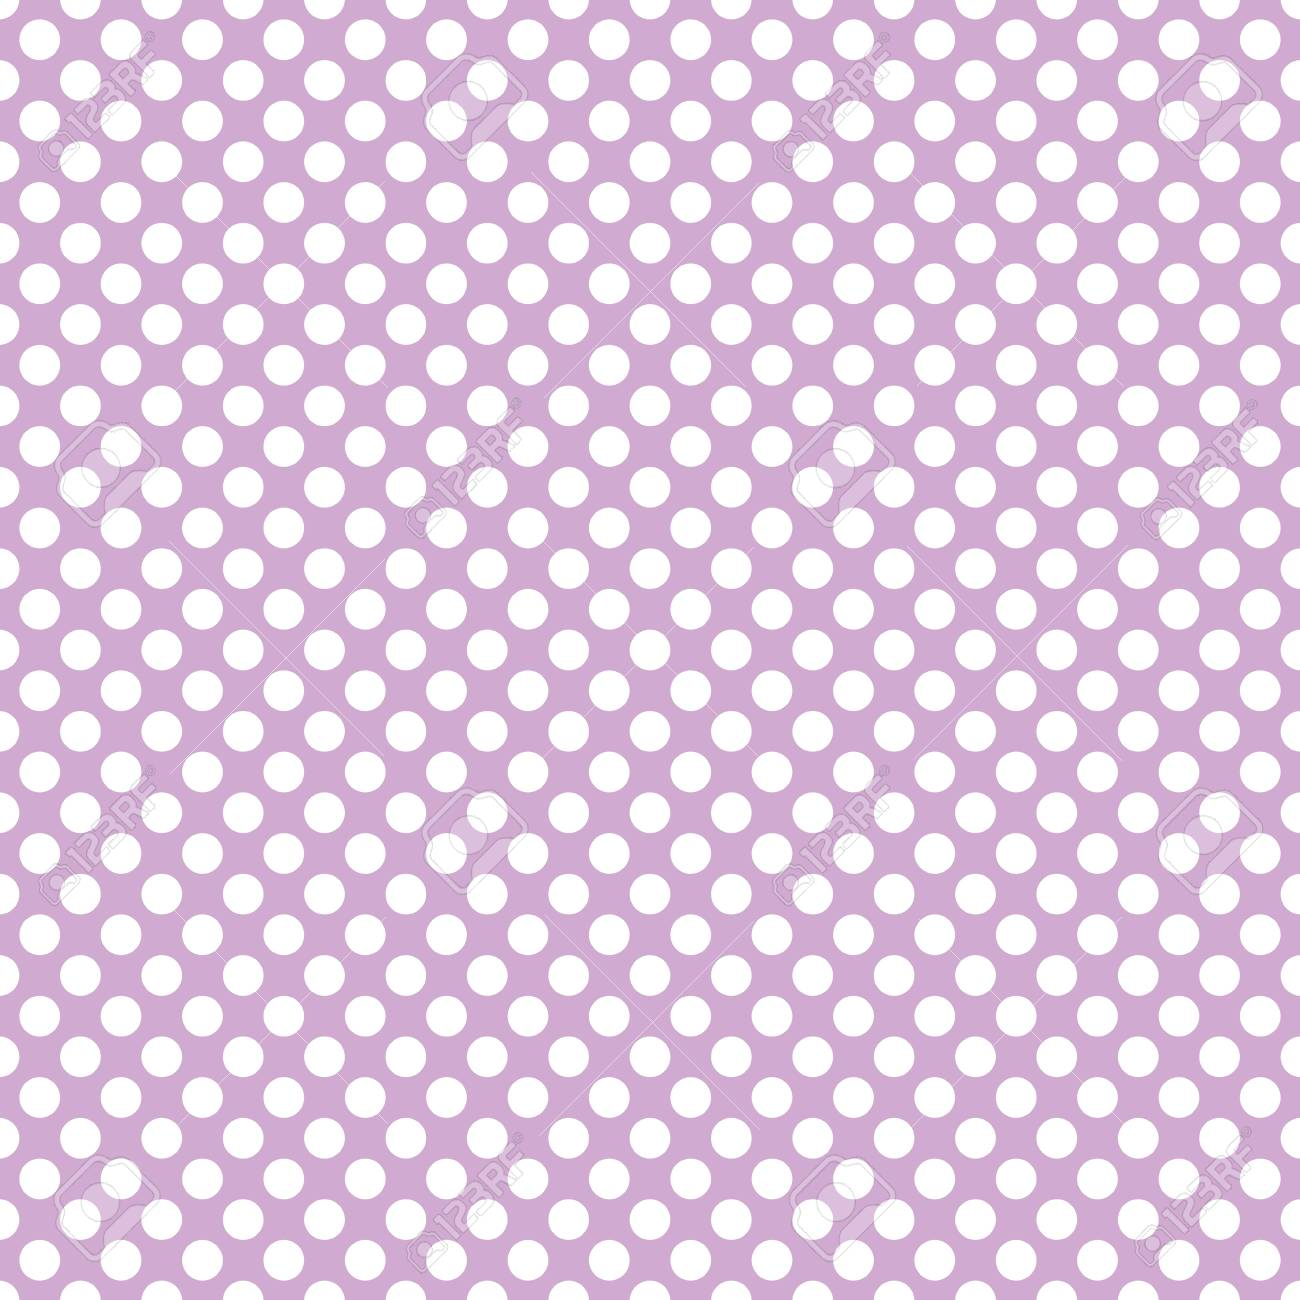 Vettoriale Piccoli Pois Bianchi Modello Piastrella Su Sfondo Viola